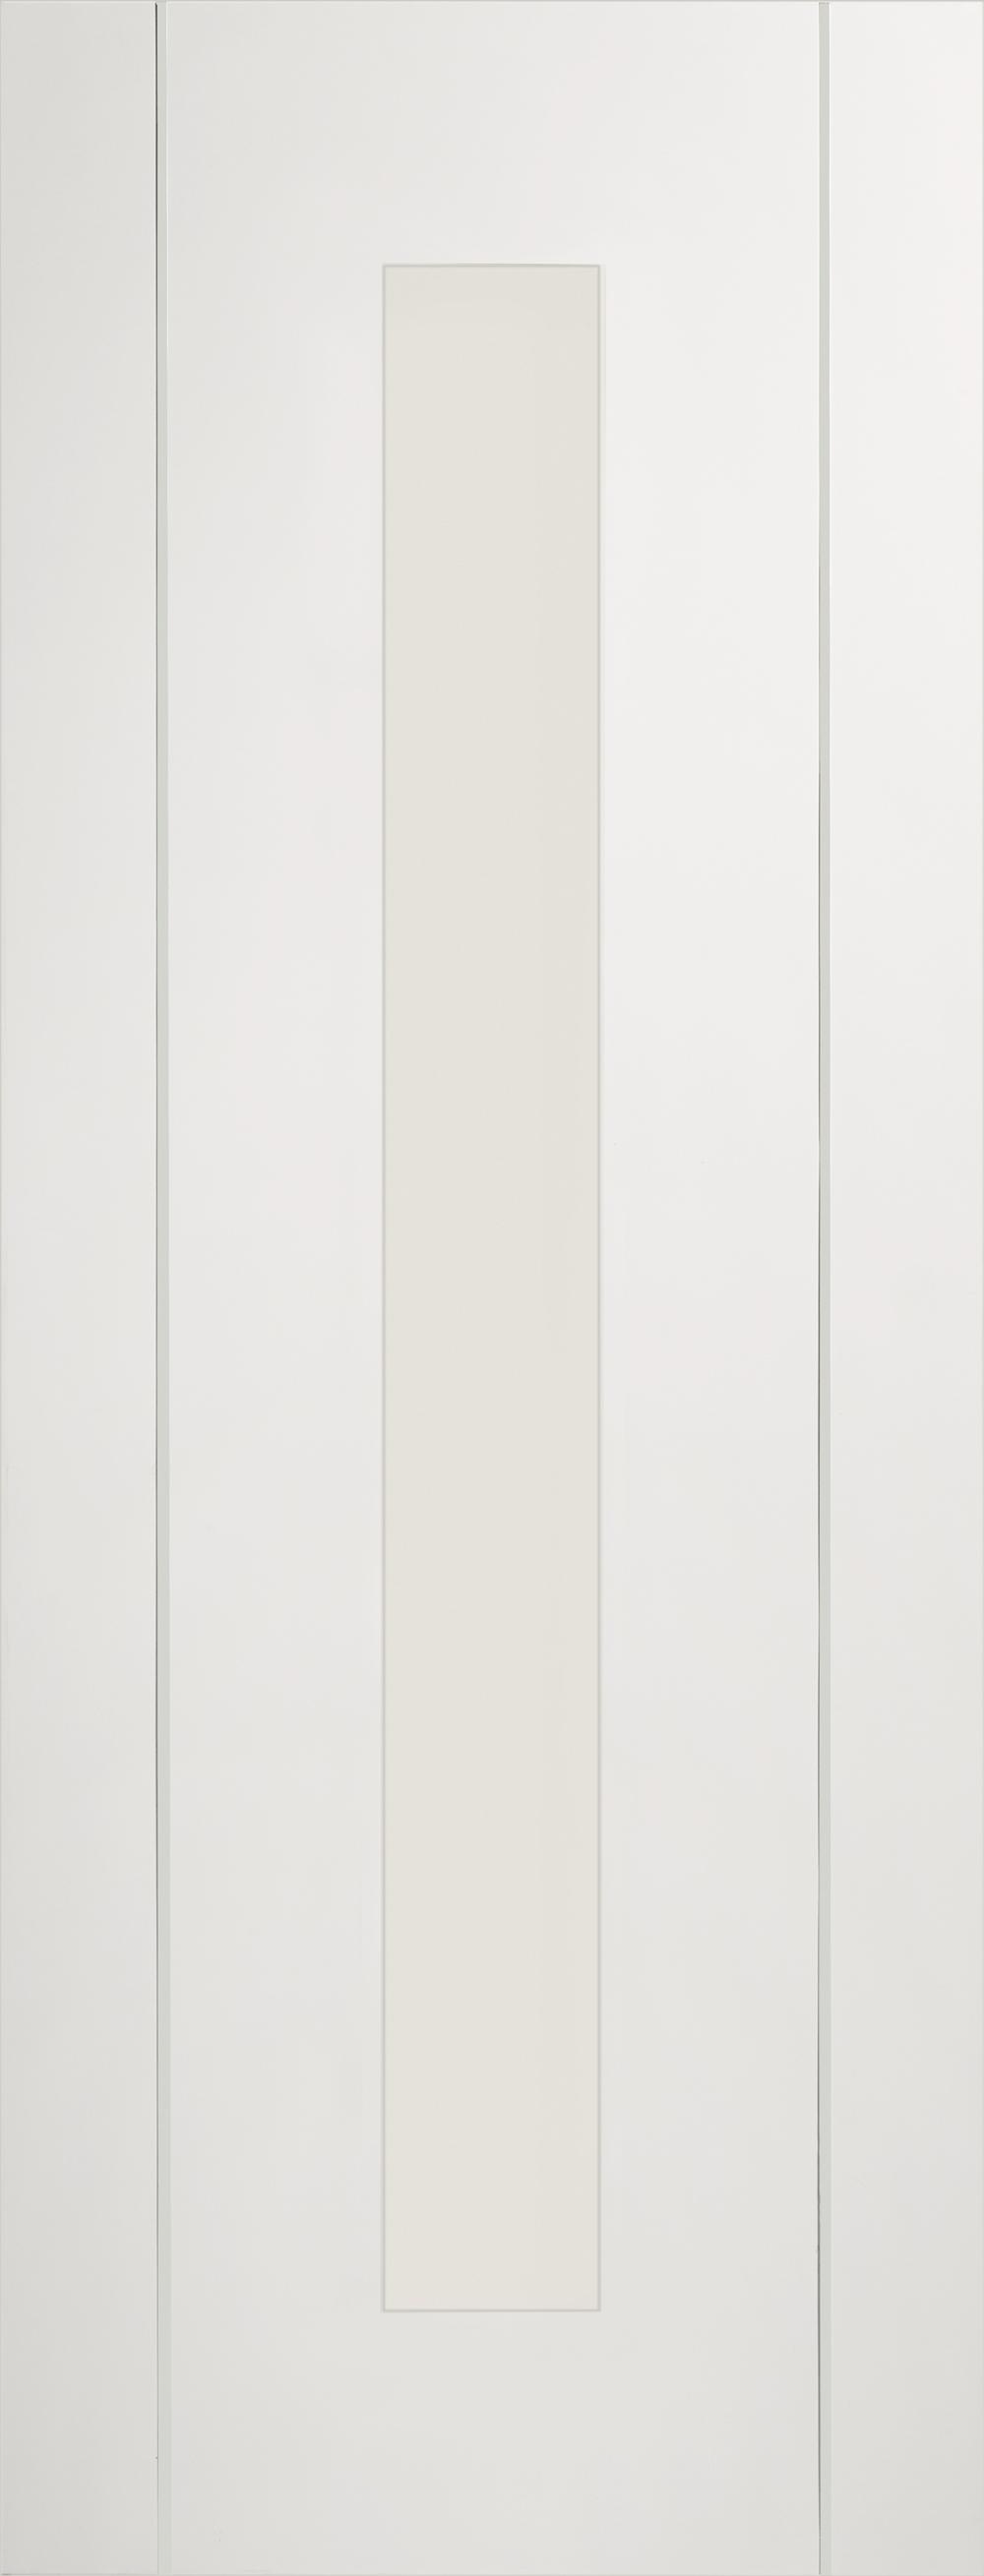 Forli White Glazed - PREFINISHED